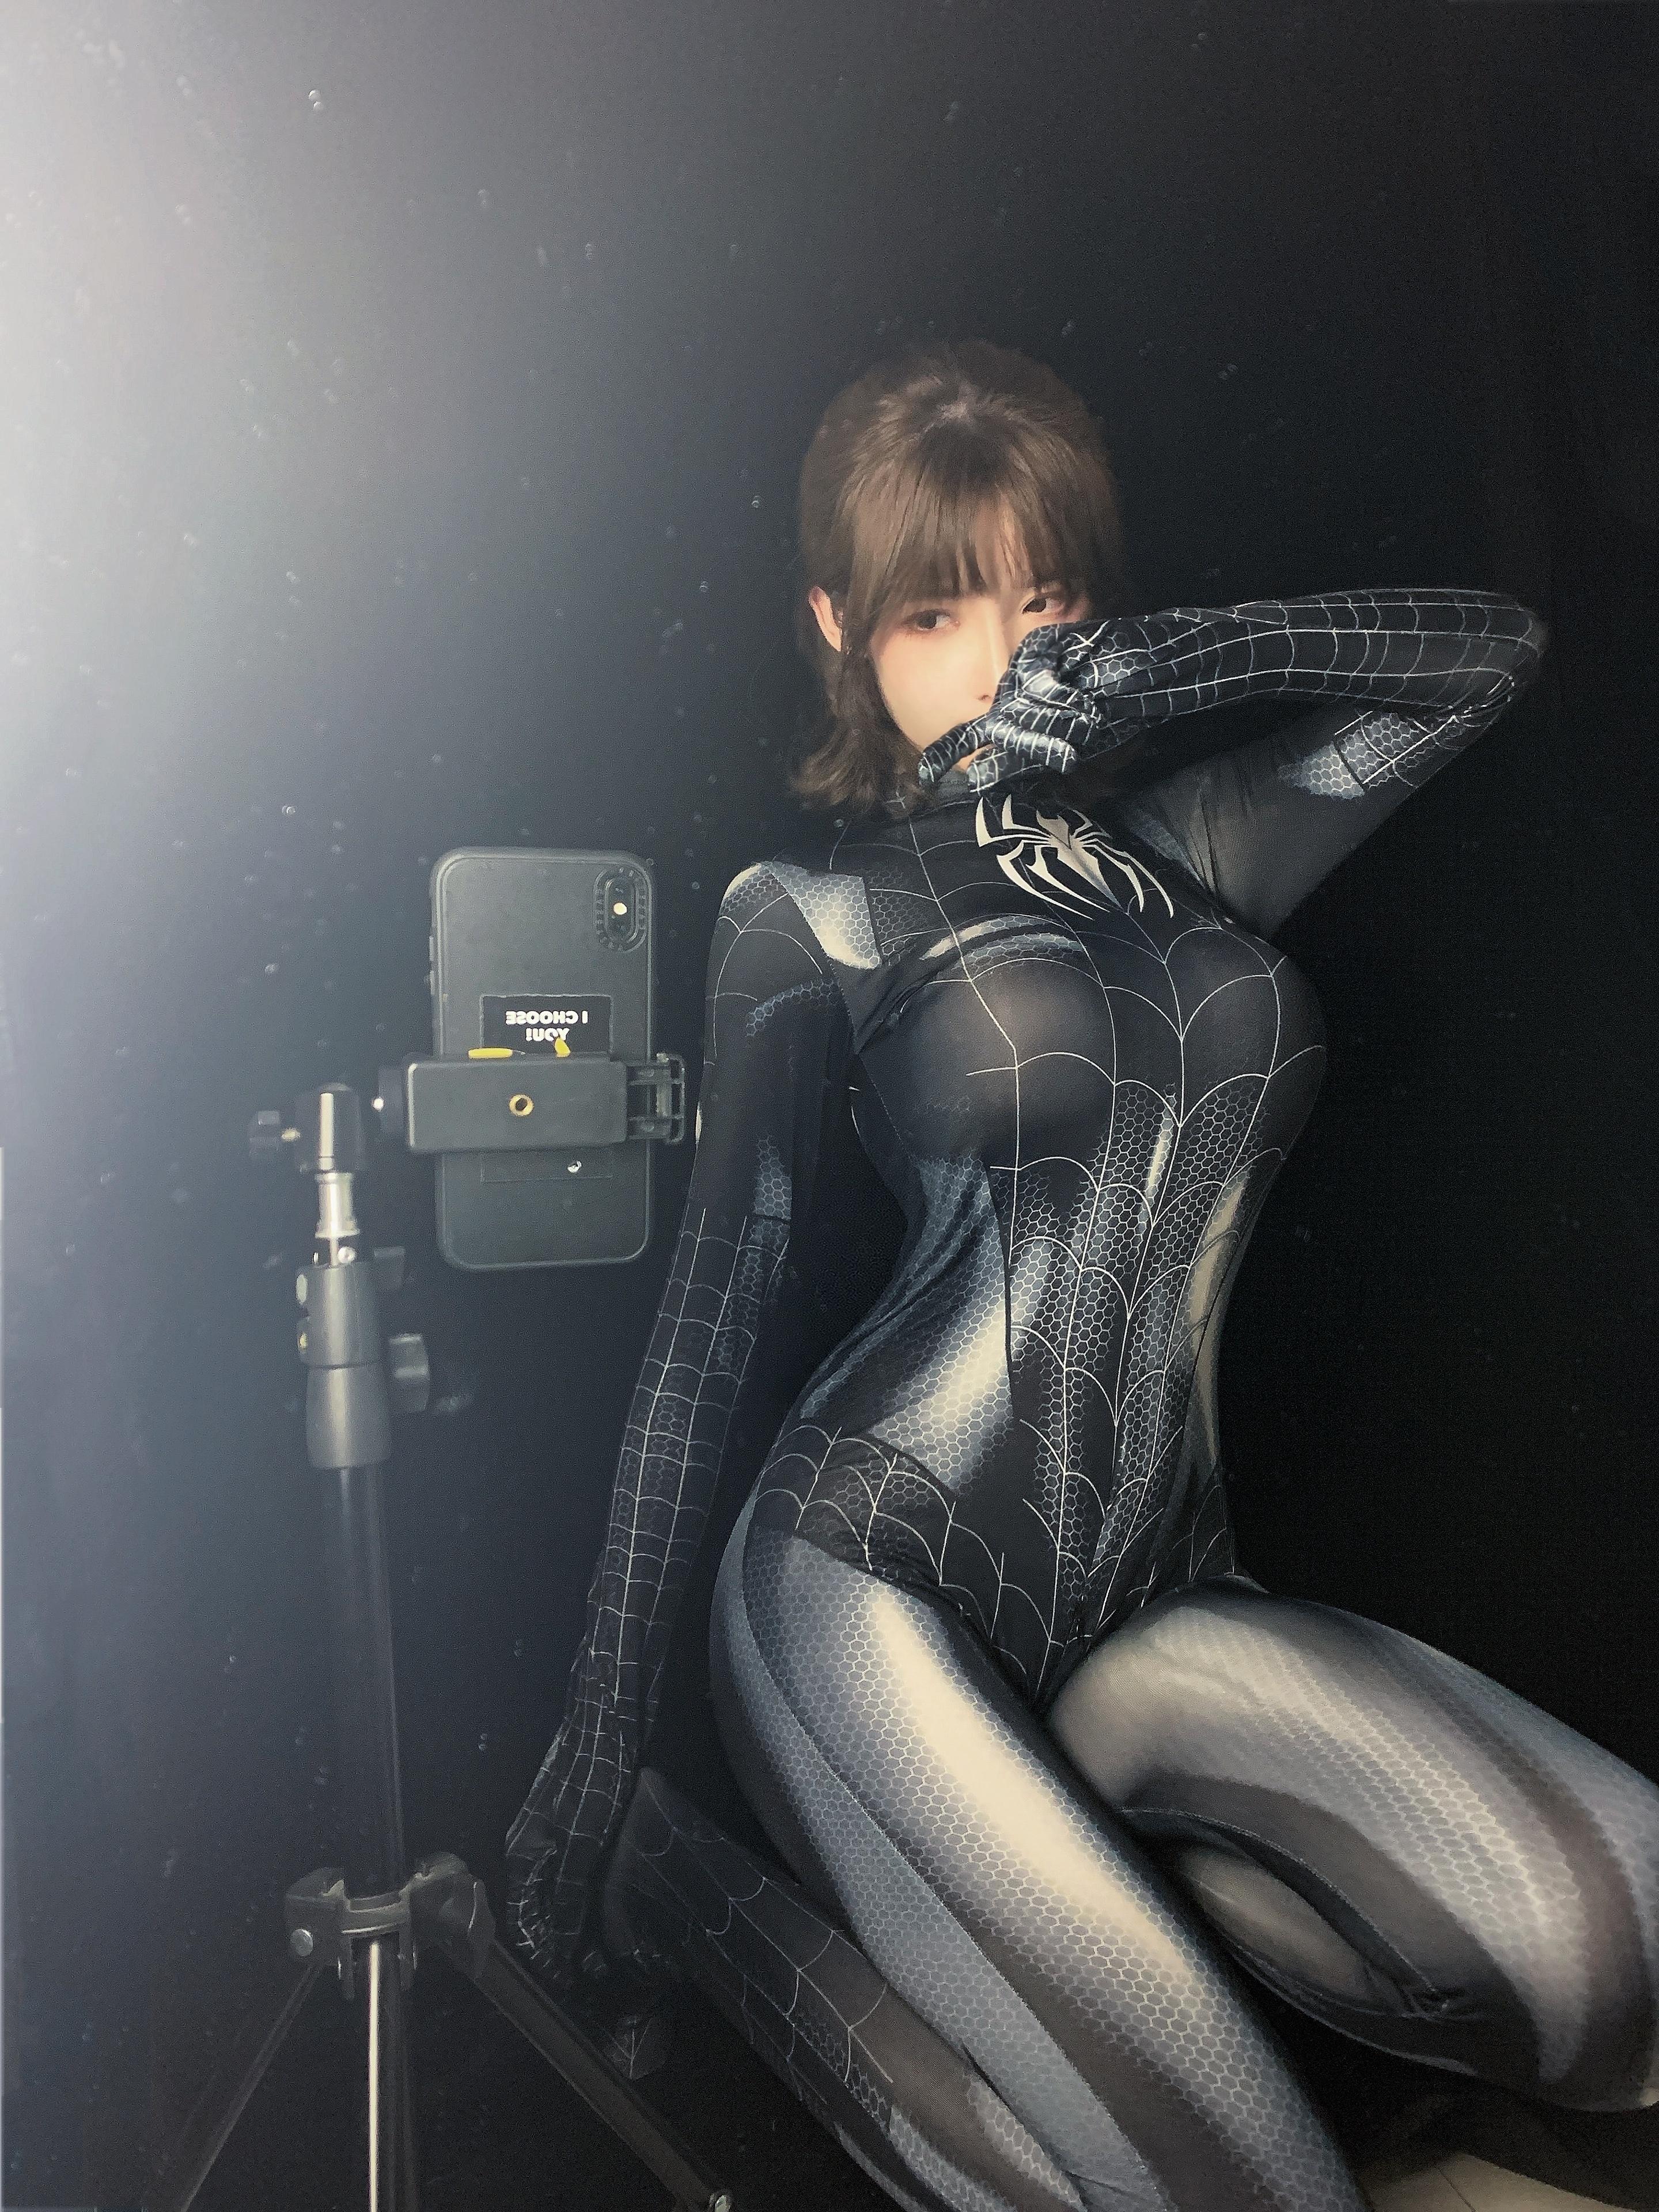 一小央泽 黑蜘蛛COS作品在线看-觅爱图